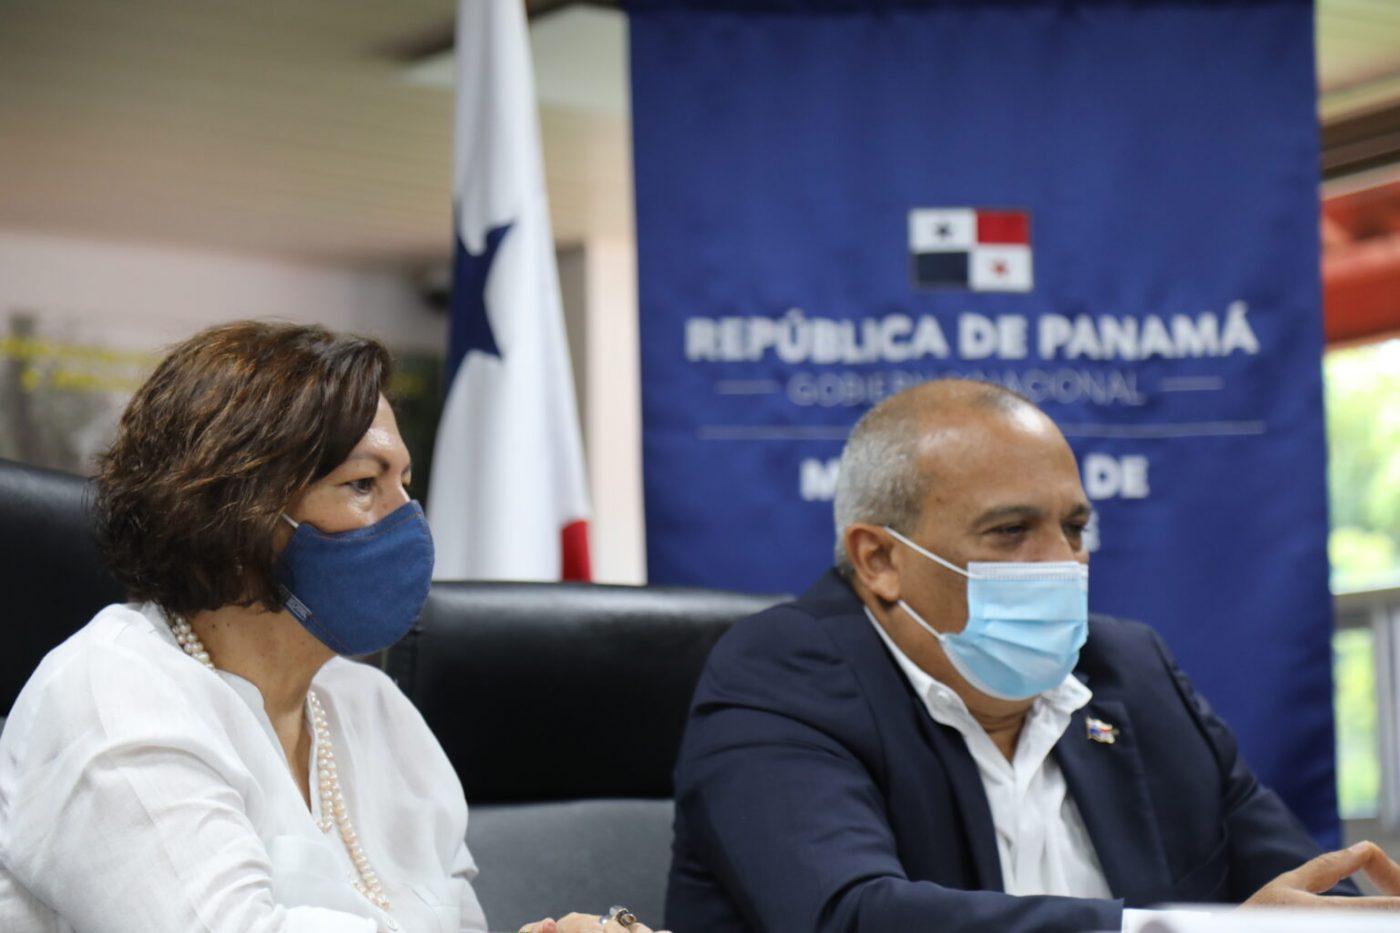 MiAMBIENTE PRESENTA PROYECTO DE LEY PARA CREAR EL INSTITUTO DE HIDROMETEOROLOGIA E HIDROLOGIA ANTE LA ASAMBLEA NACIONAL